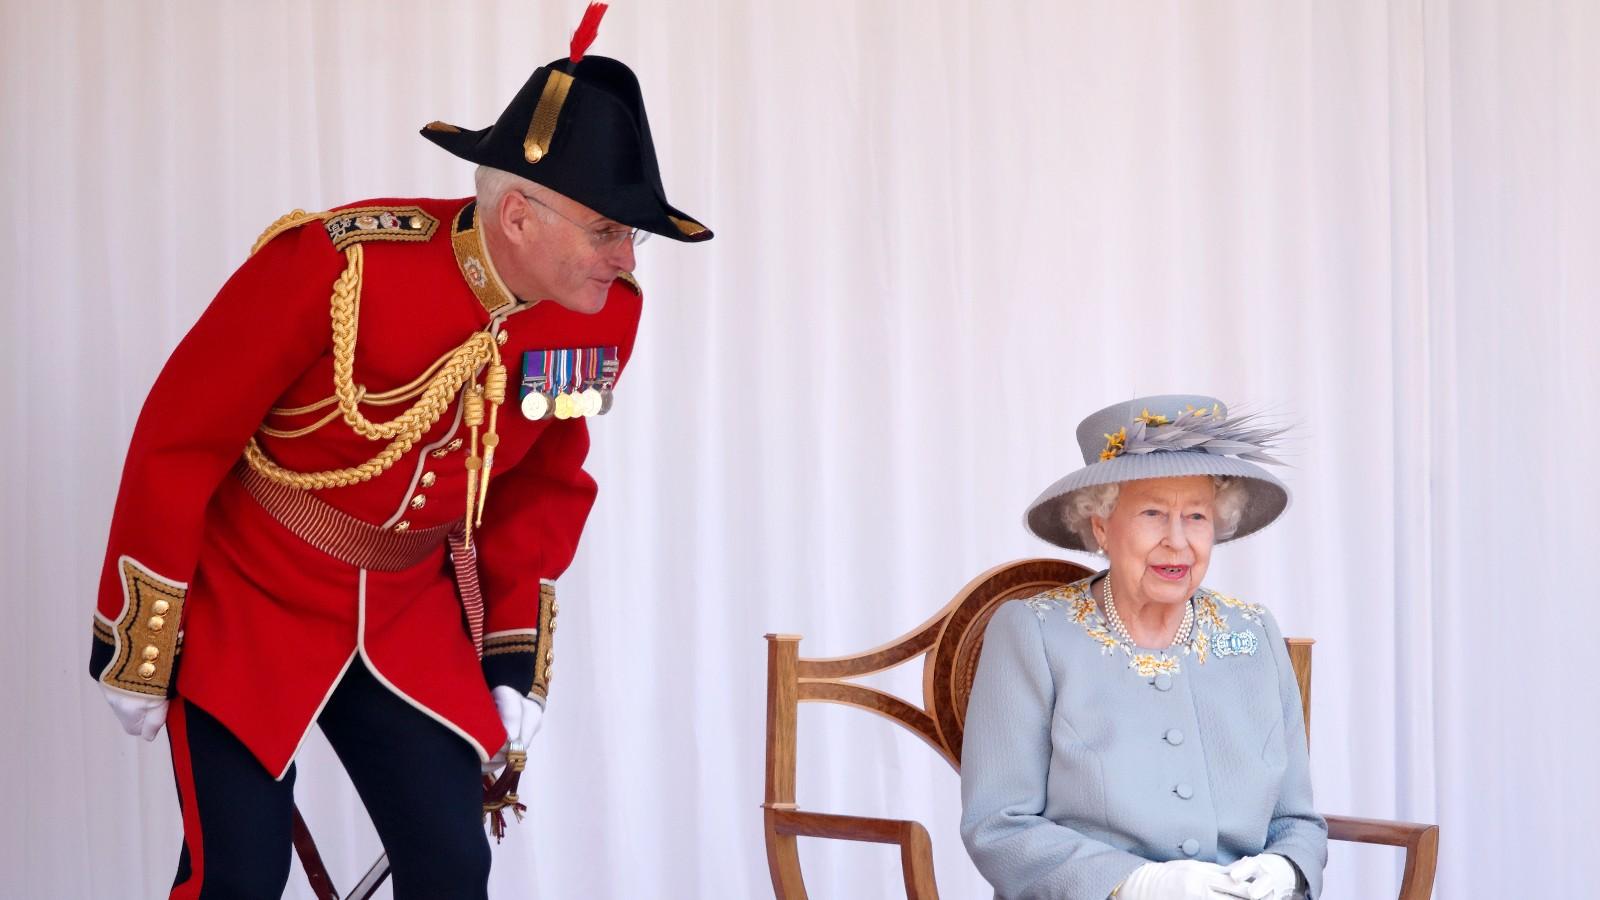 La reine, la parade du drapeau